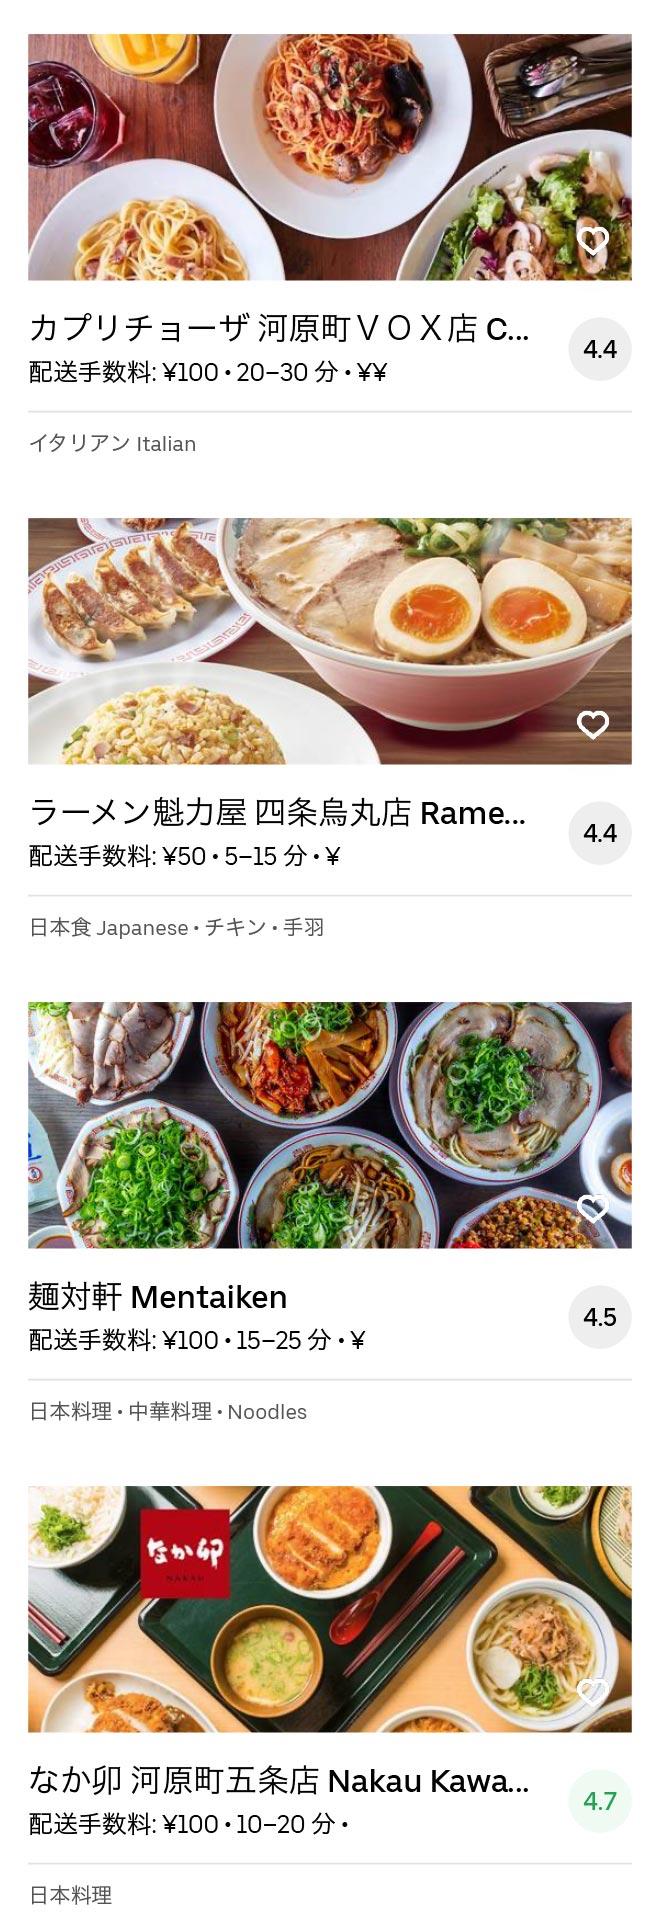 Kyoto karasuma menu 2005 11